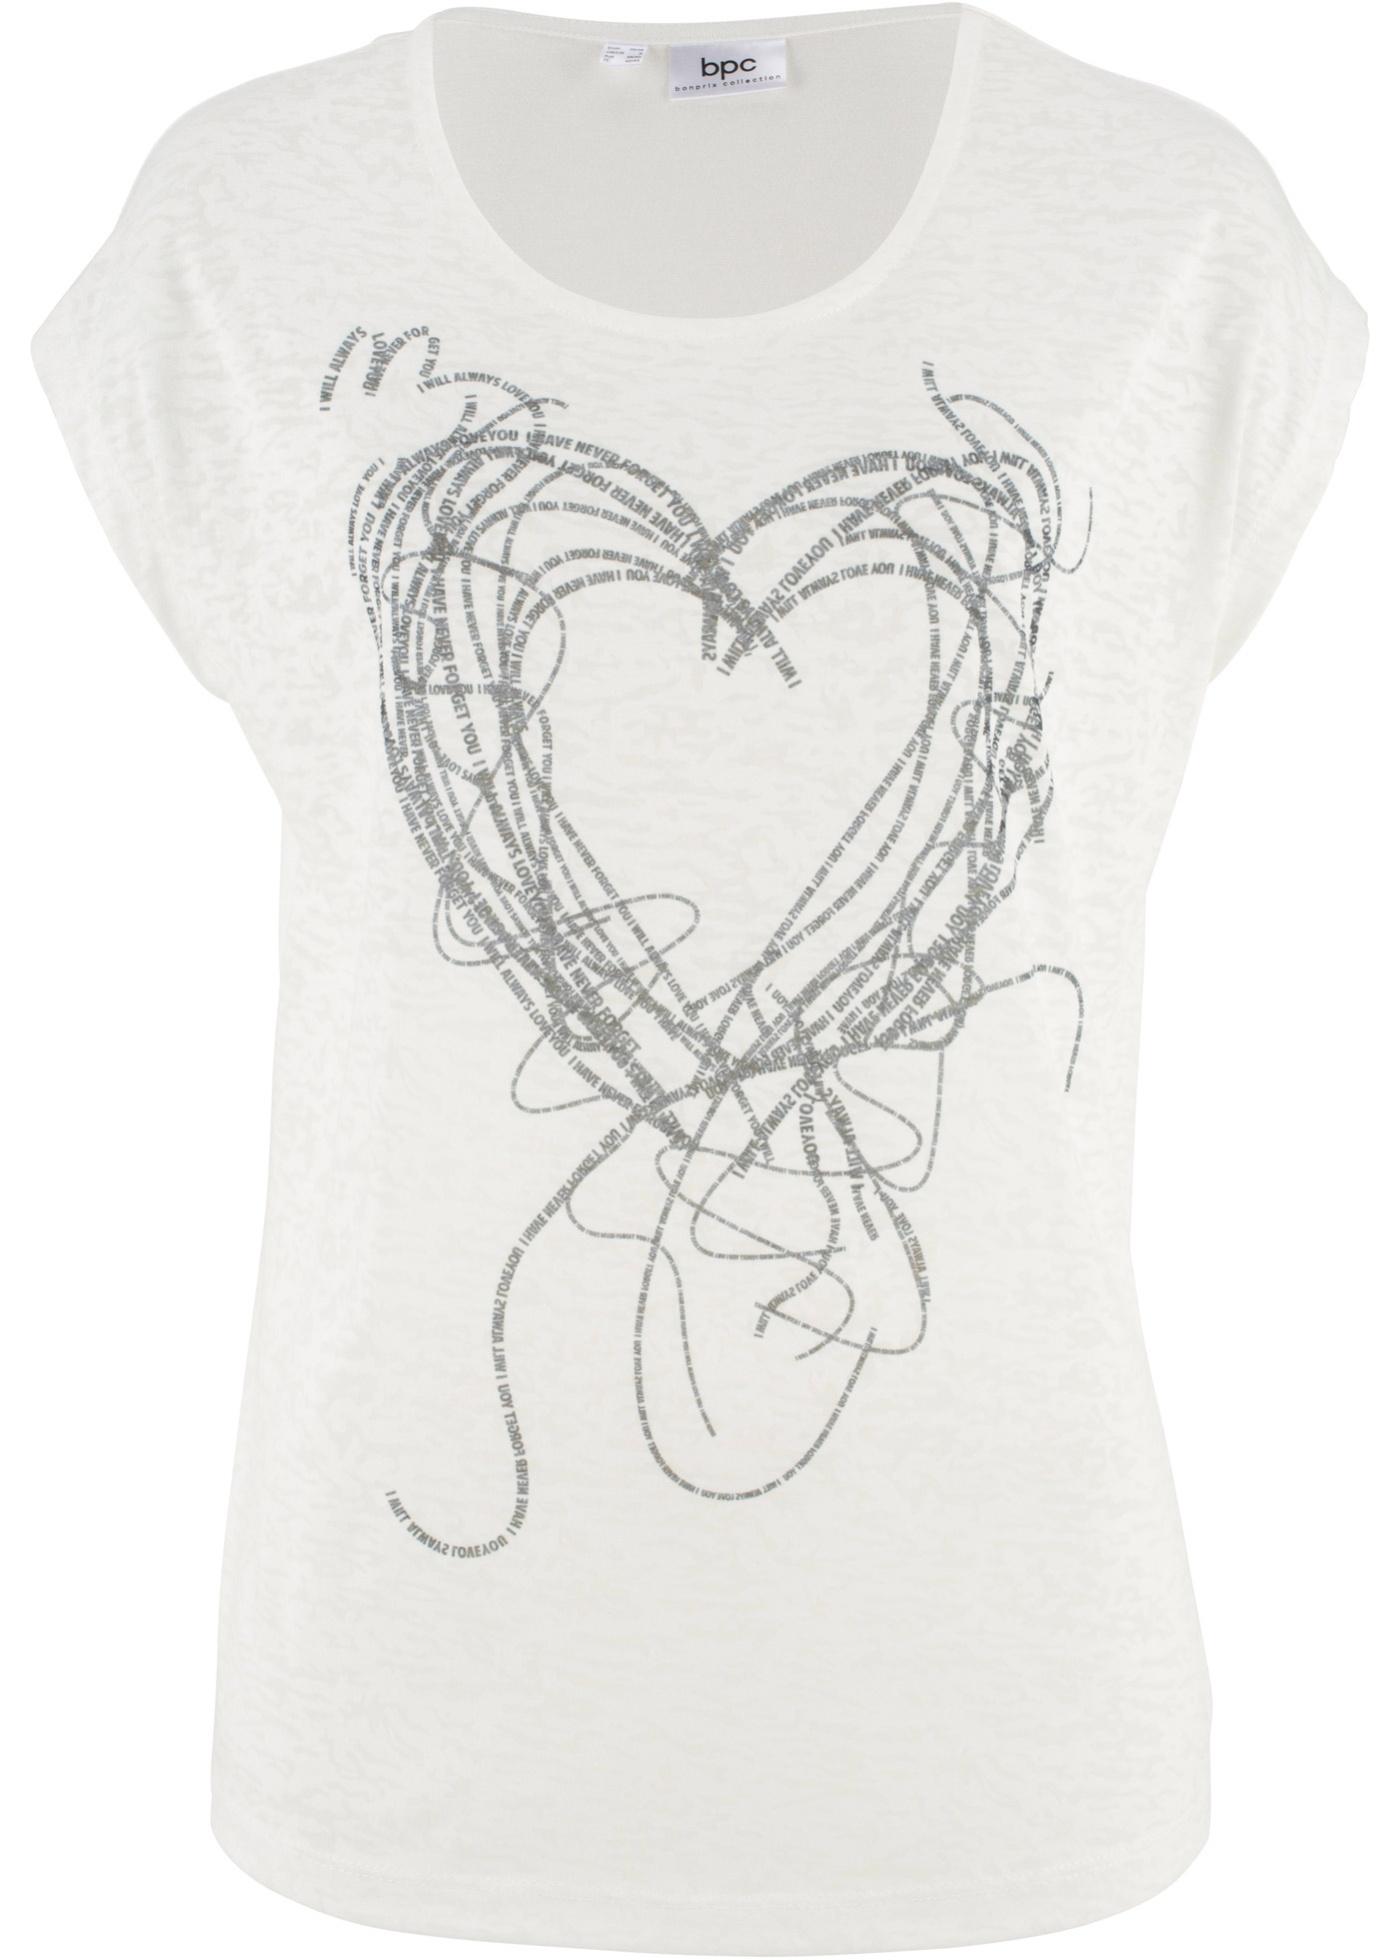 Tričko s potiskem srdce - Bílá f78504c613